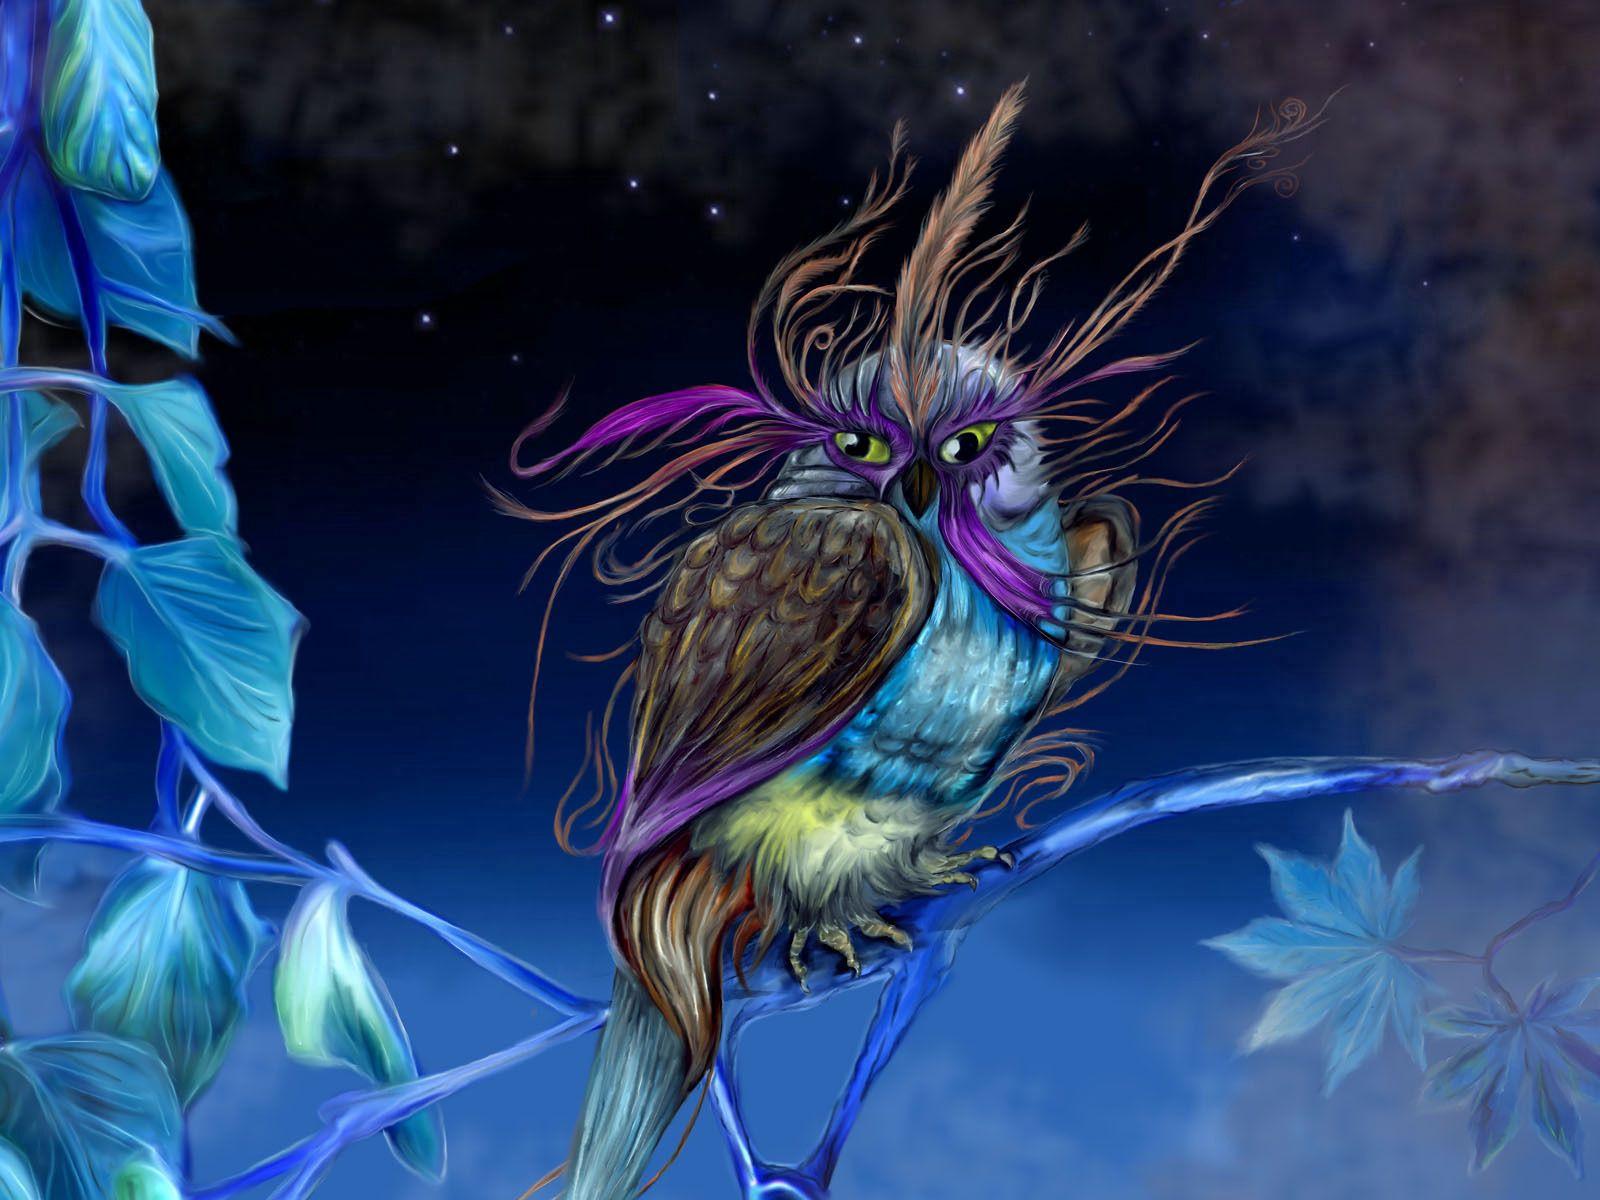 131608 Salvapantallas y fondos de pantalla Fantasía en tu teléfono. Descarga imágenes de Fantasía, Búho, Lechuza, Faisán, Ser, Criatura, Pájaro, Noche gratis